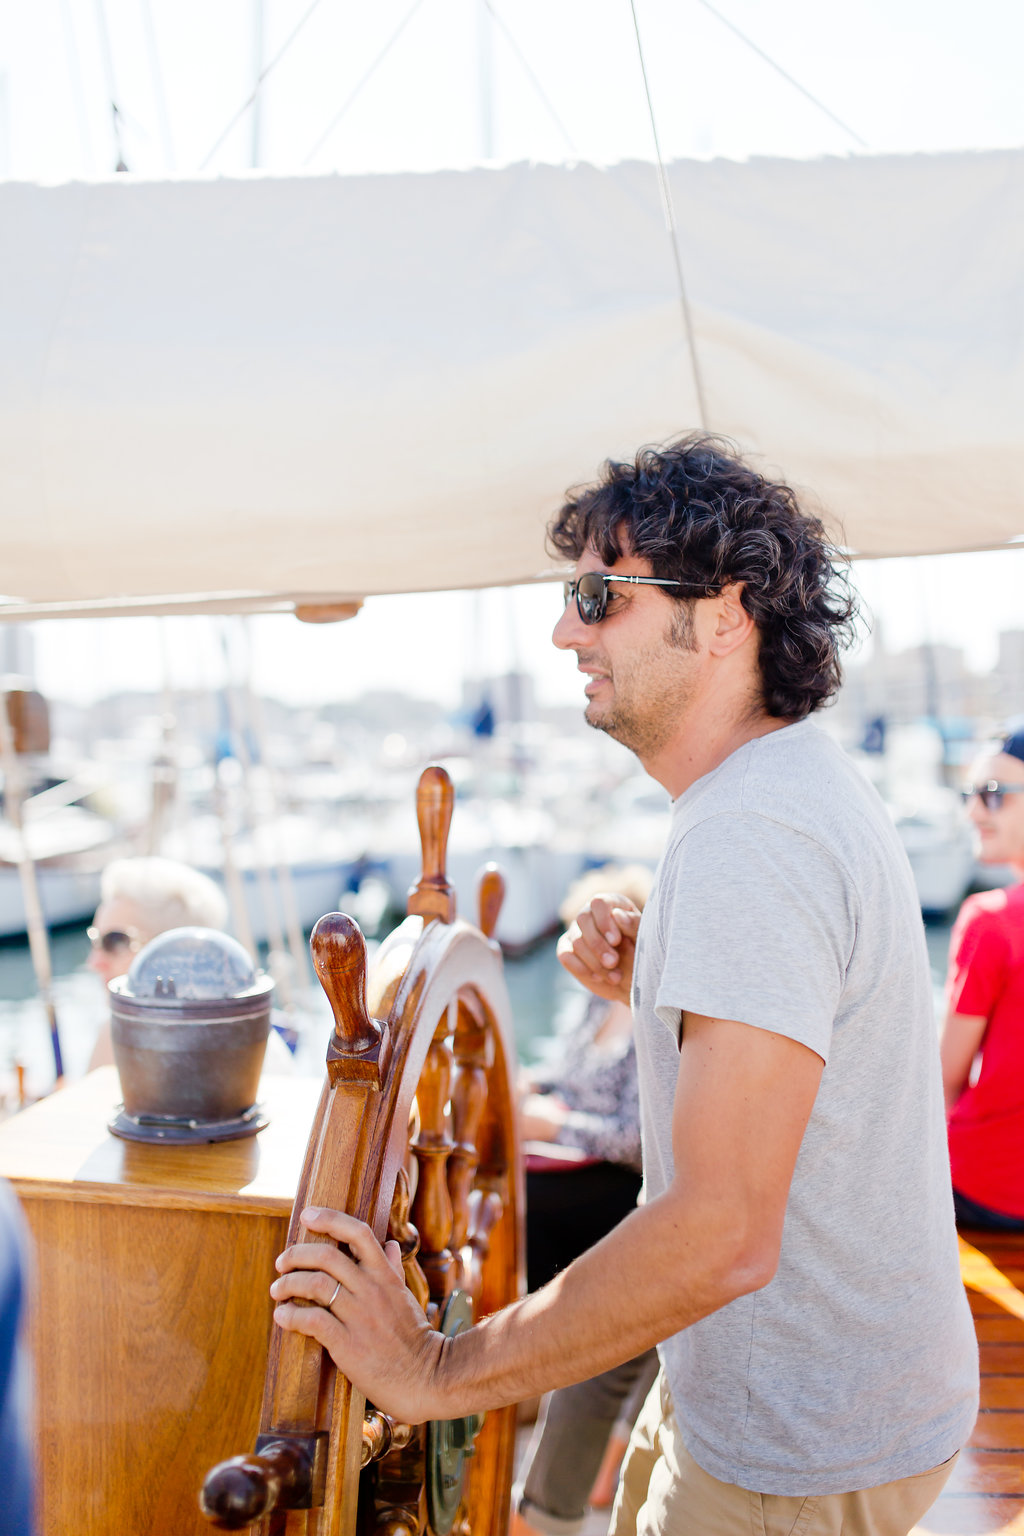 le coeur dans les etoiles - wedding planner - provence - sardaigne - shooting inspiration - mariage voilier - audrey carnoy - equipe voilier 1